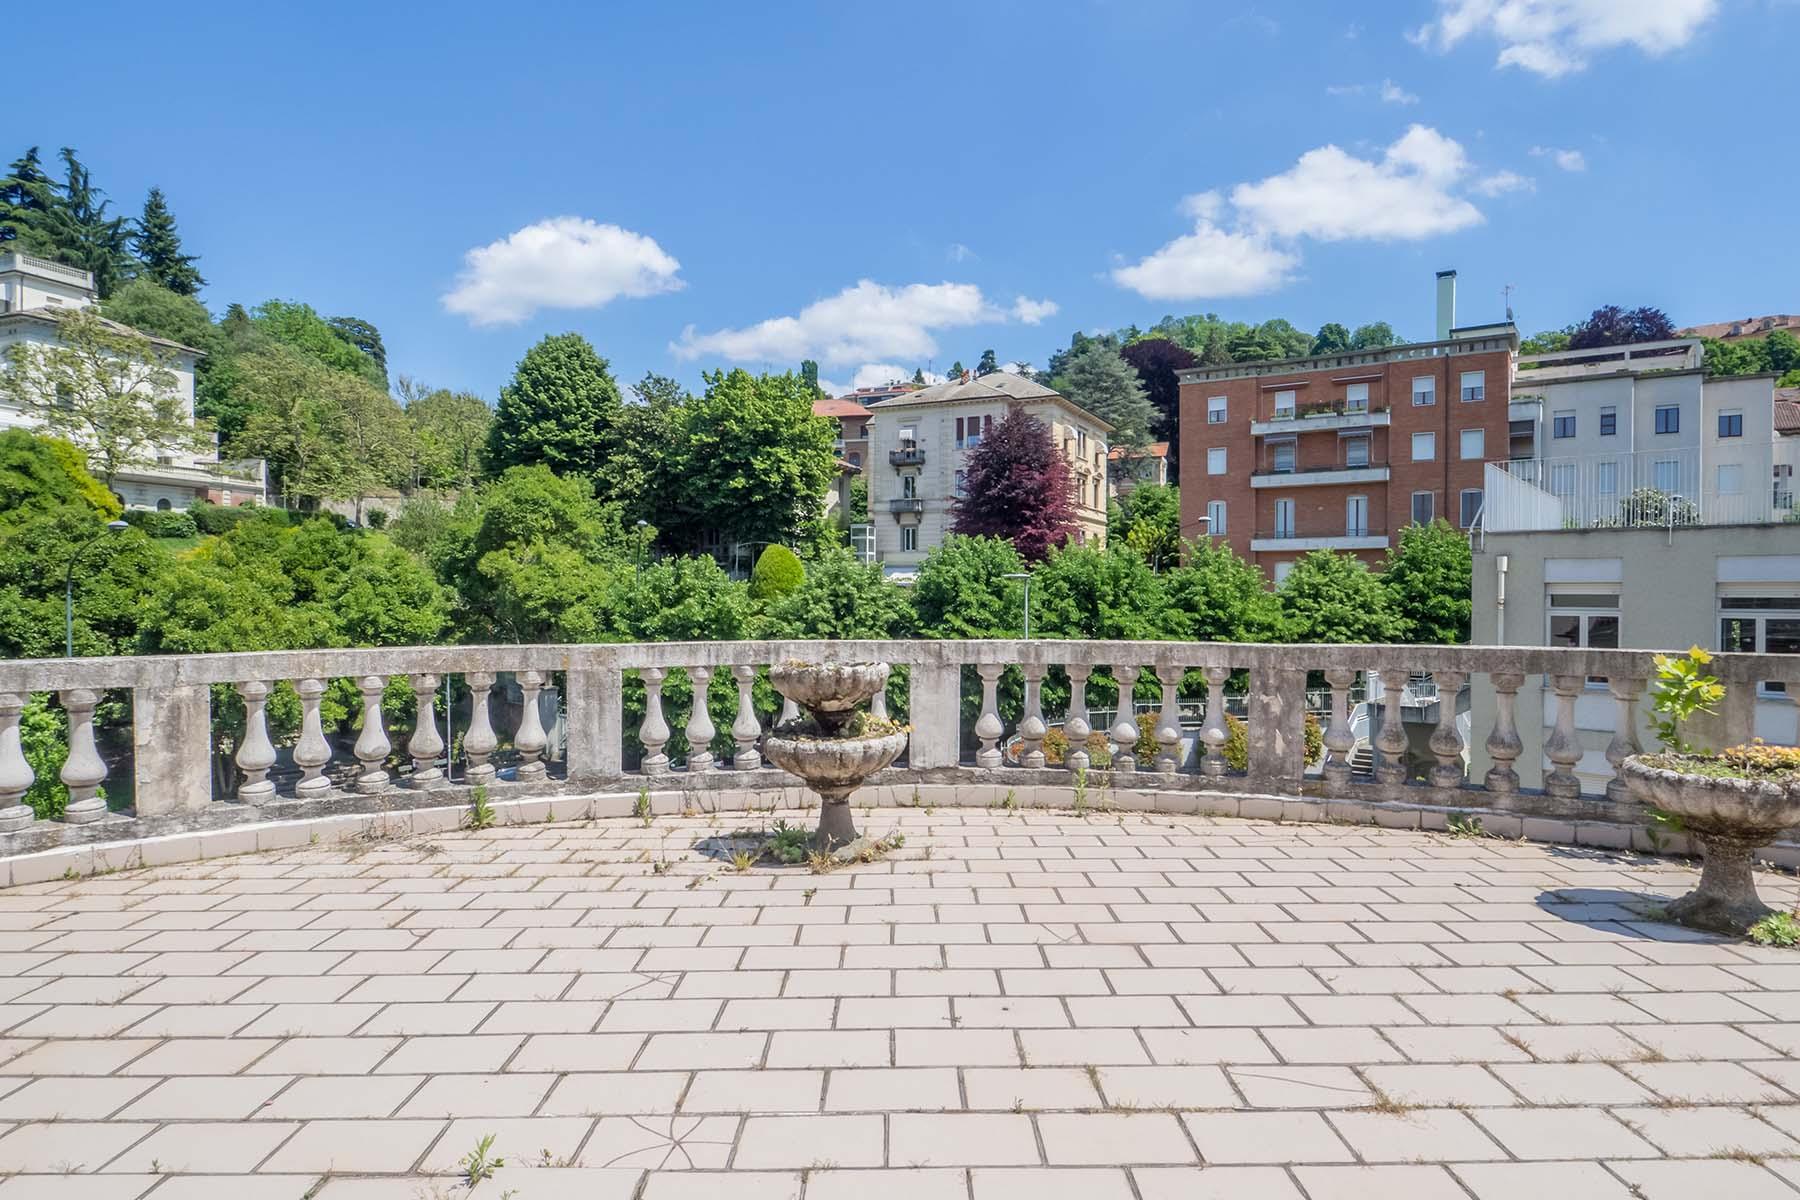 Attico in Vendita a Torino: 5 locali, 200 mq - Foto 3